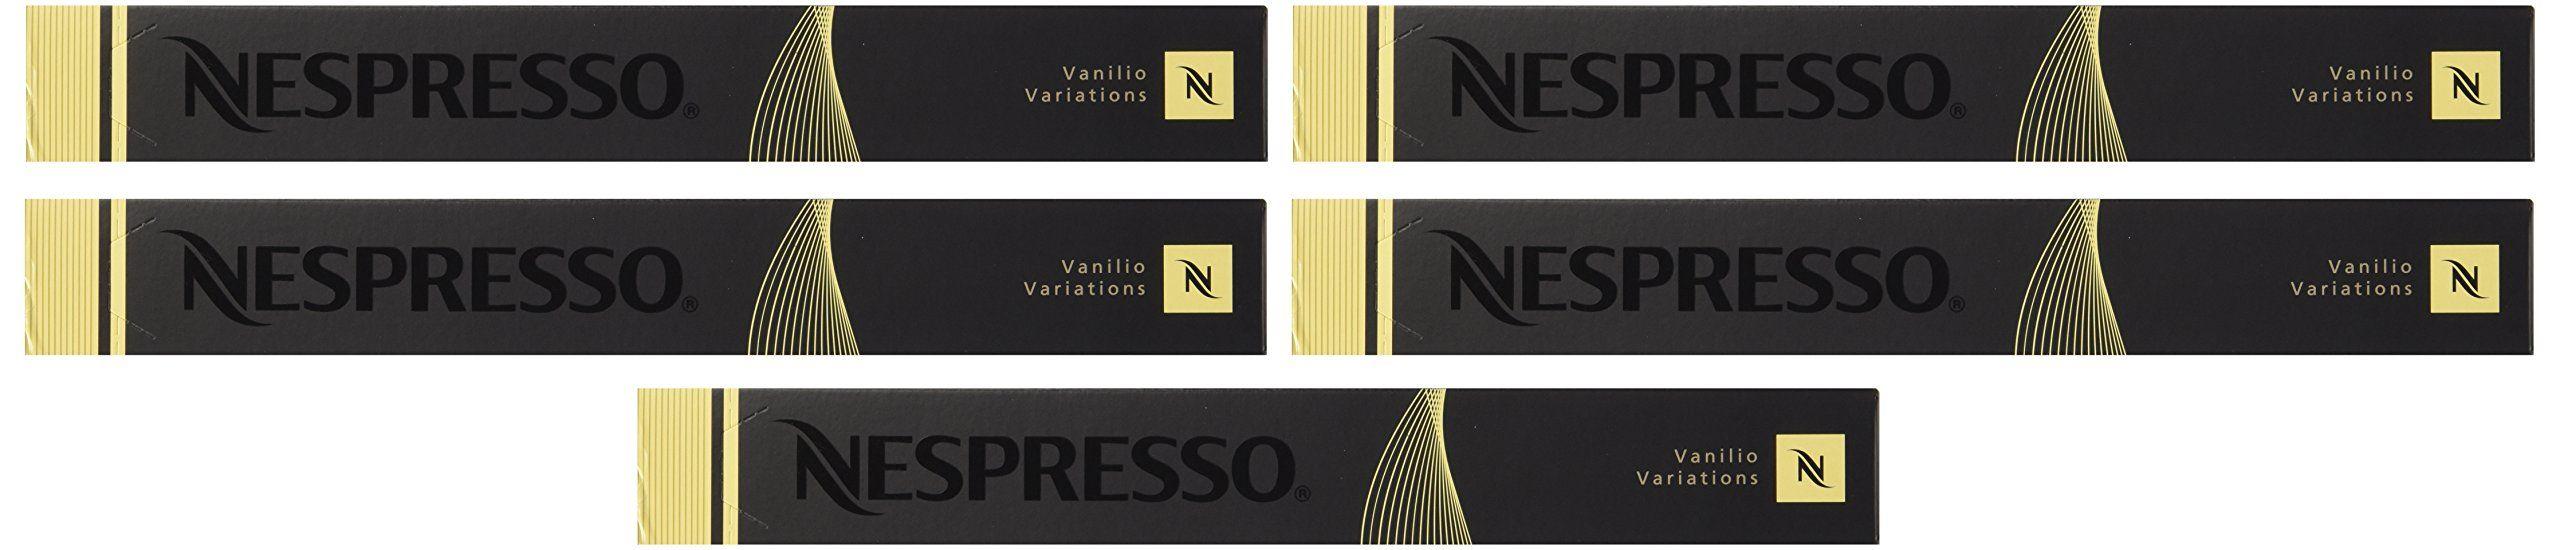 Nespresso OriginalLine Vanilio 50 Count NOT compatible